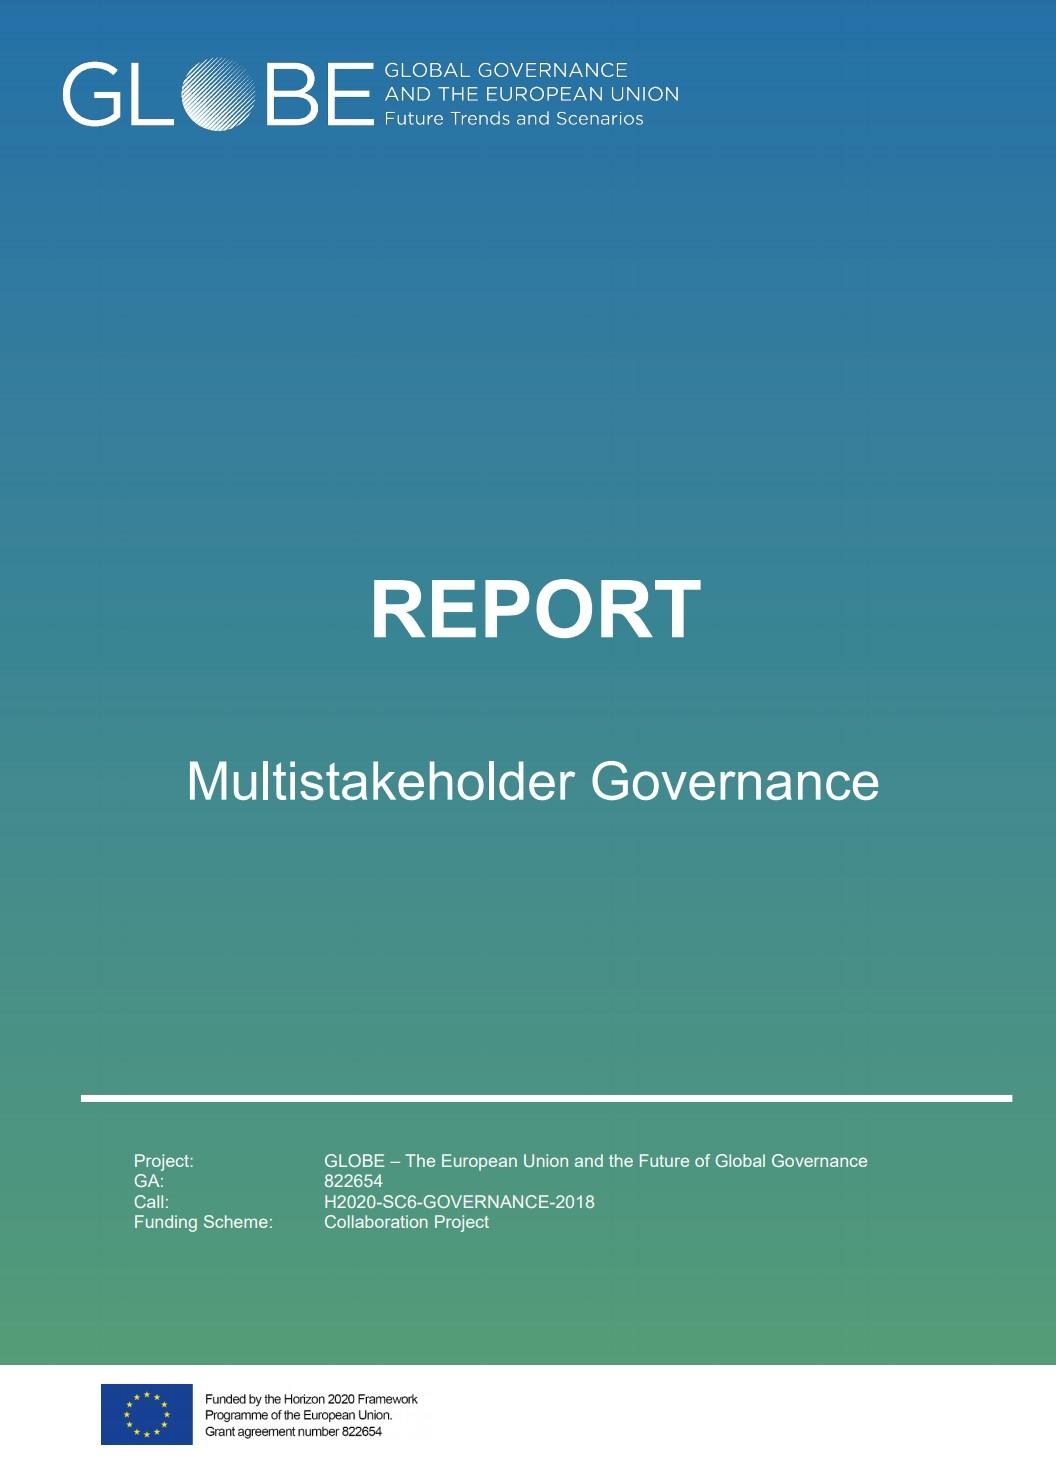 Multistakeholder Governance Report (Cover)